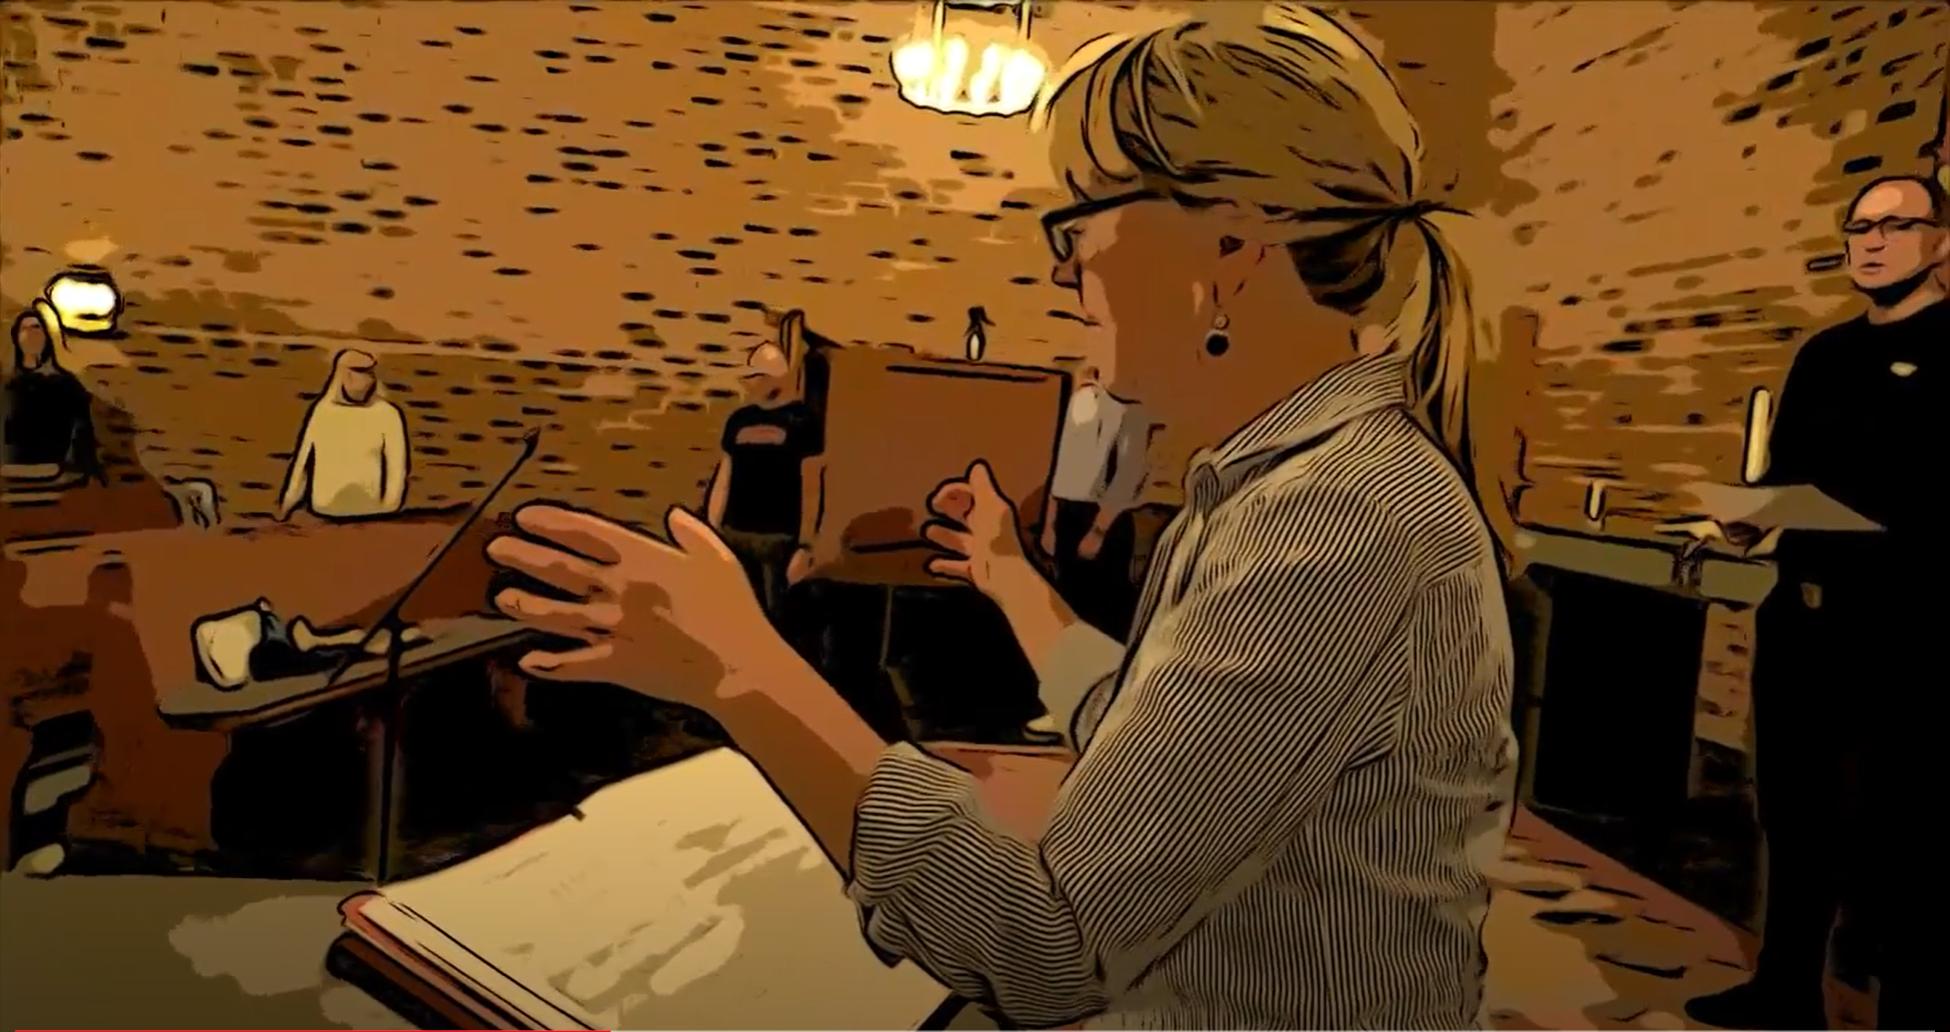 Animerad film, körrepetition i Corona-tid med sceniska kören Resonans